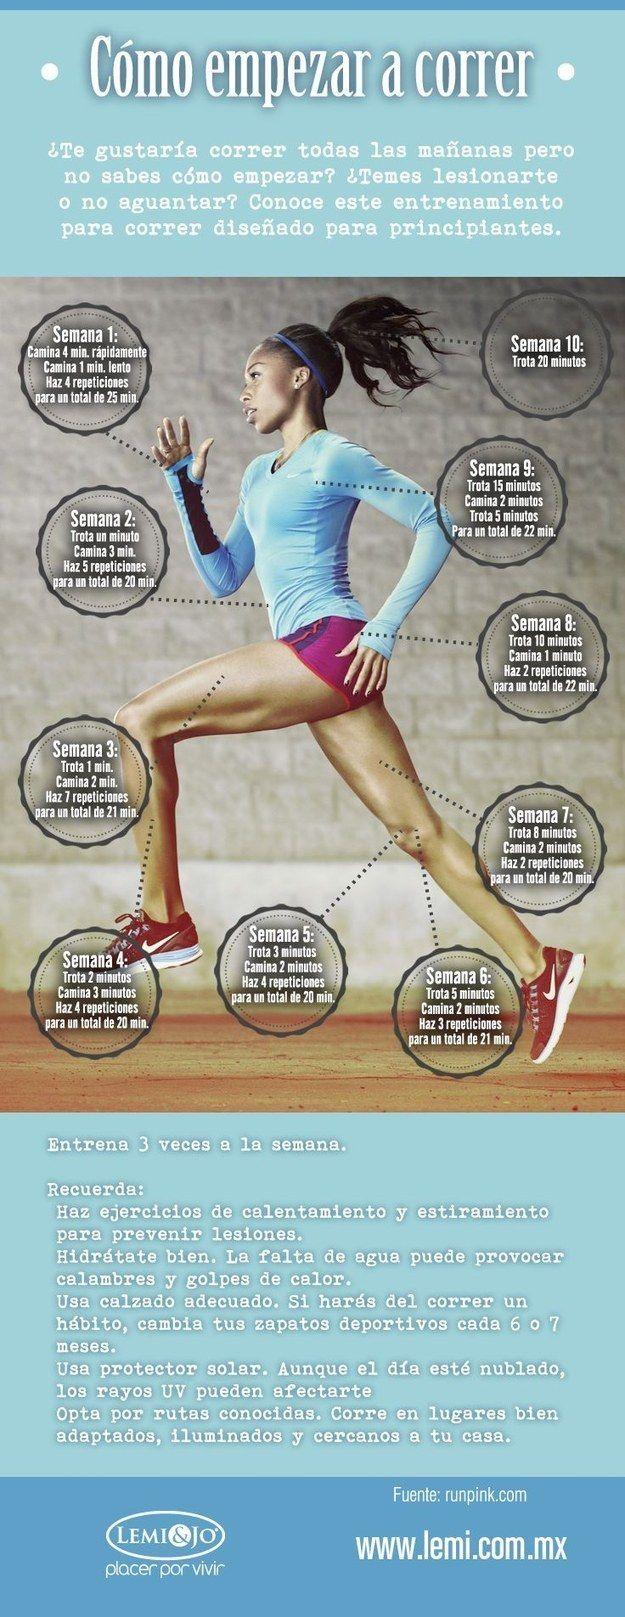 Si te interesa salir a correr pero no sabes cómo hacerlo, aquí hay una guía completa que te dará toda la información que necesitas. | 17 Guías visuales de ejercicio que te motivarán a ponerte en forma